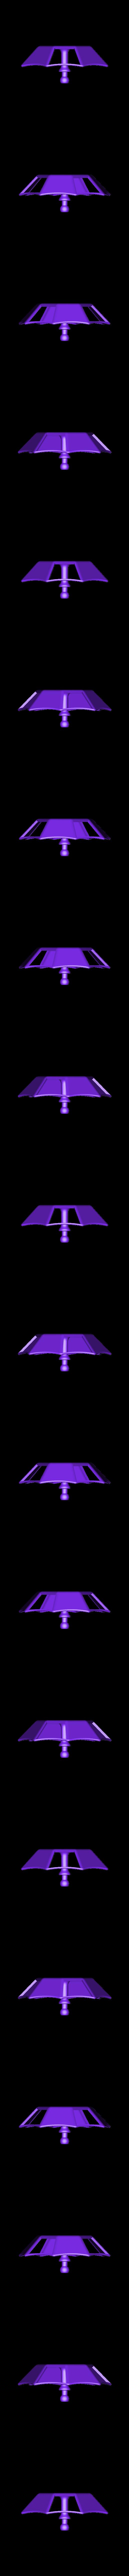 umbrella_main_color.STL Download free STL file Umbrella • 3D print model, OgoSport